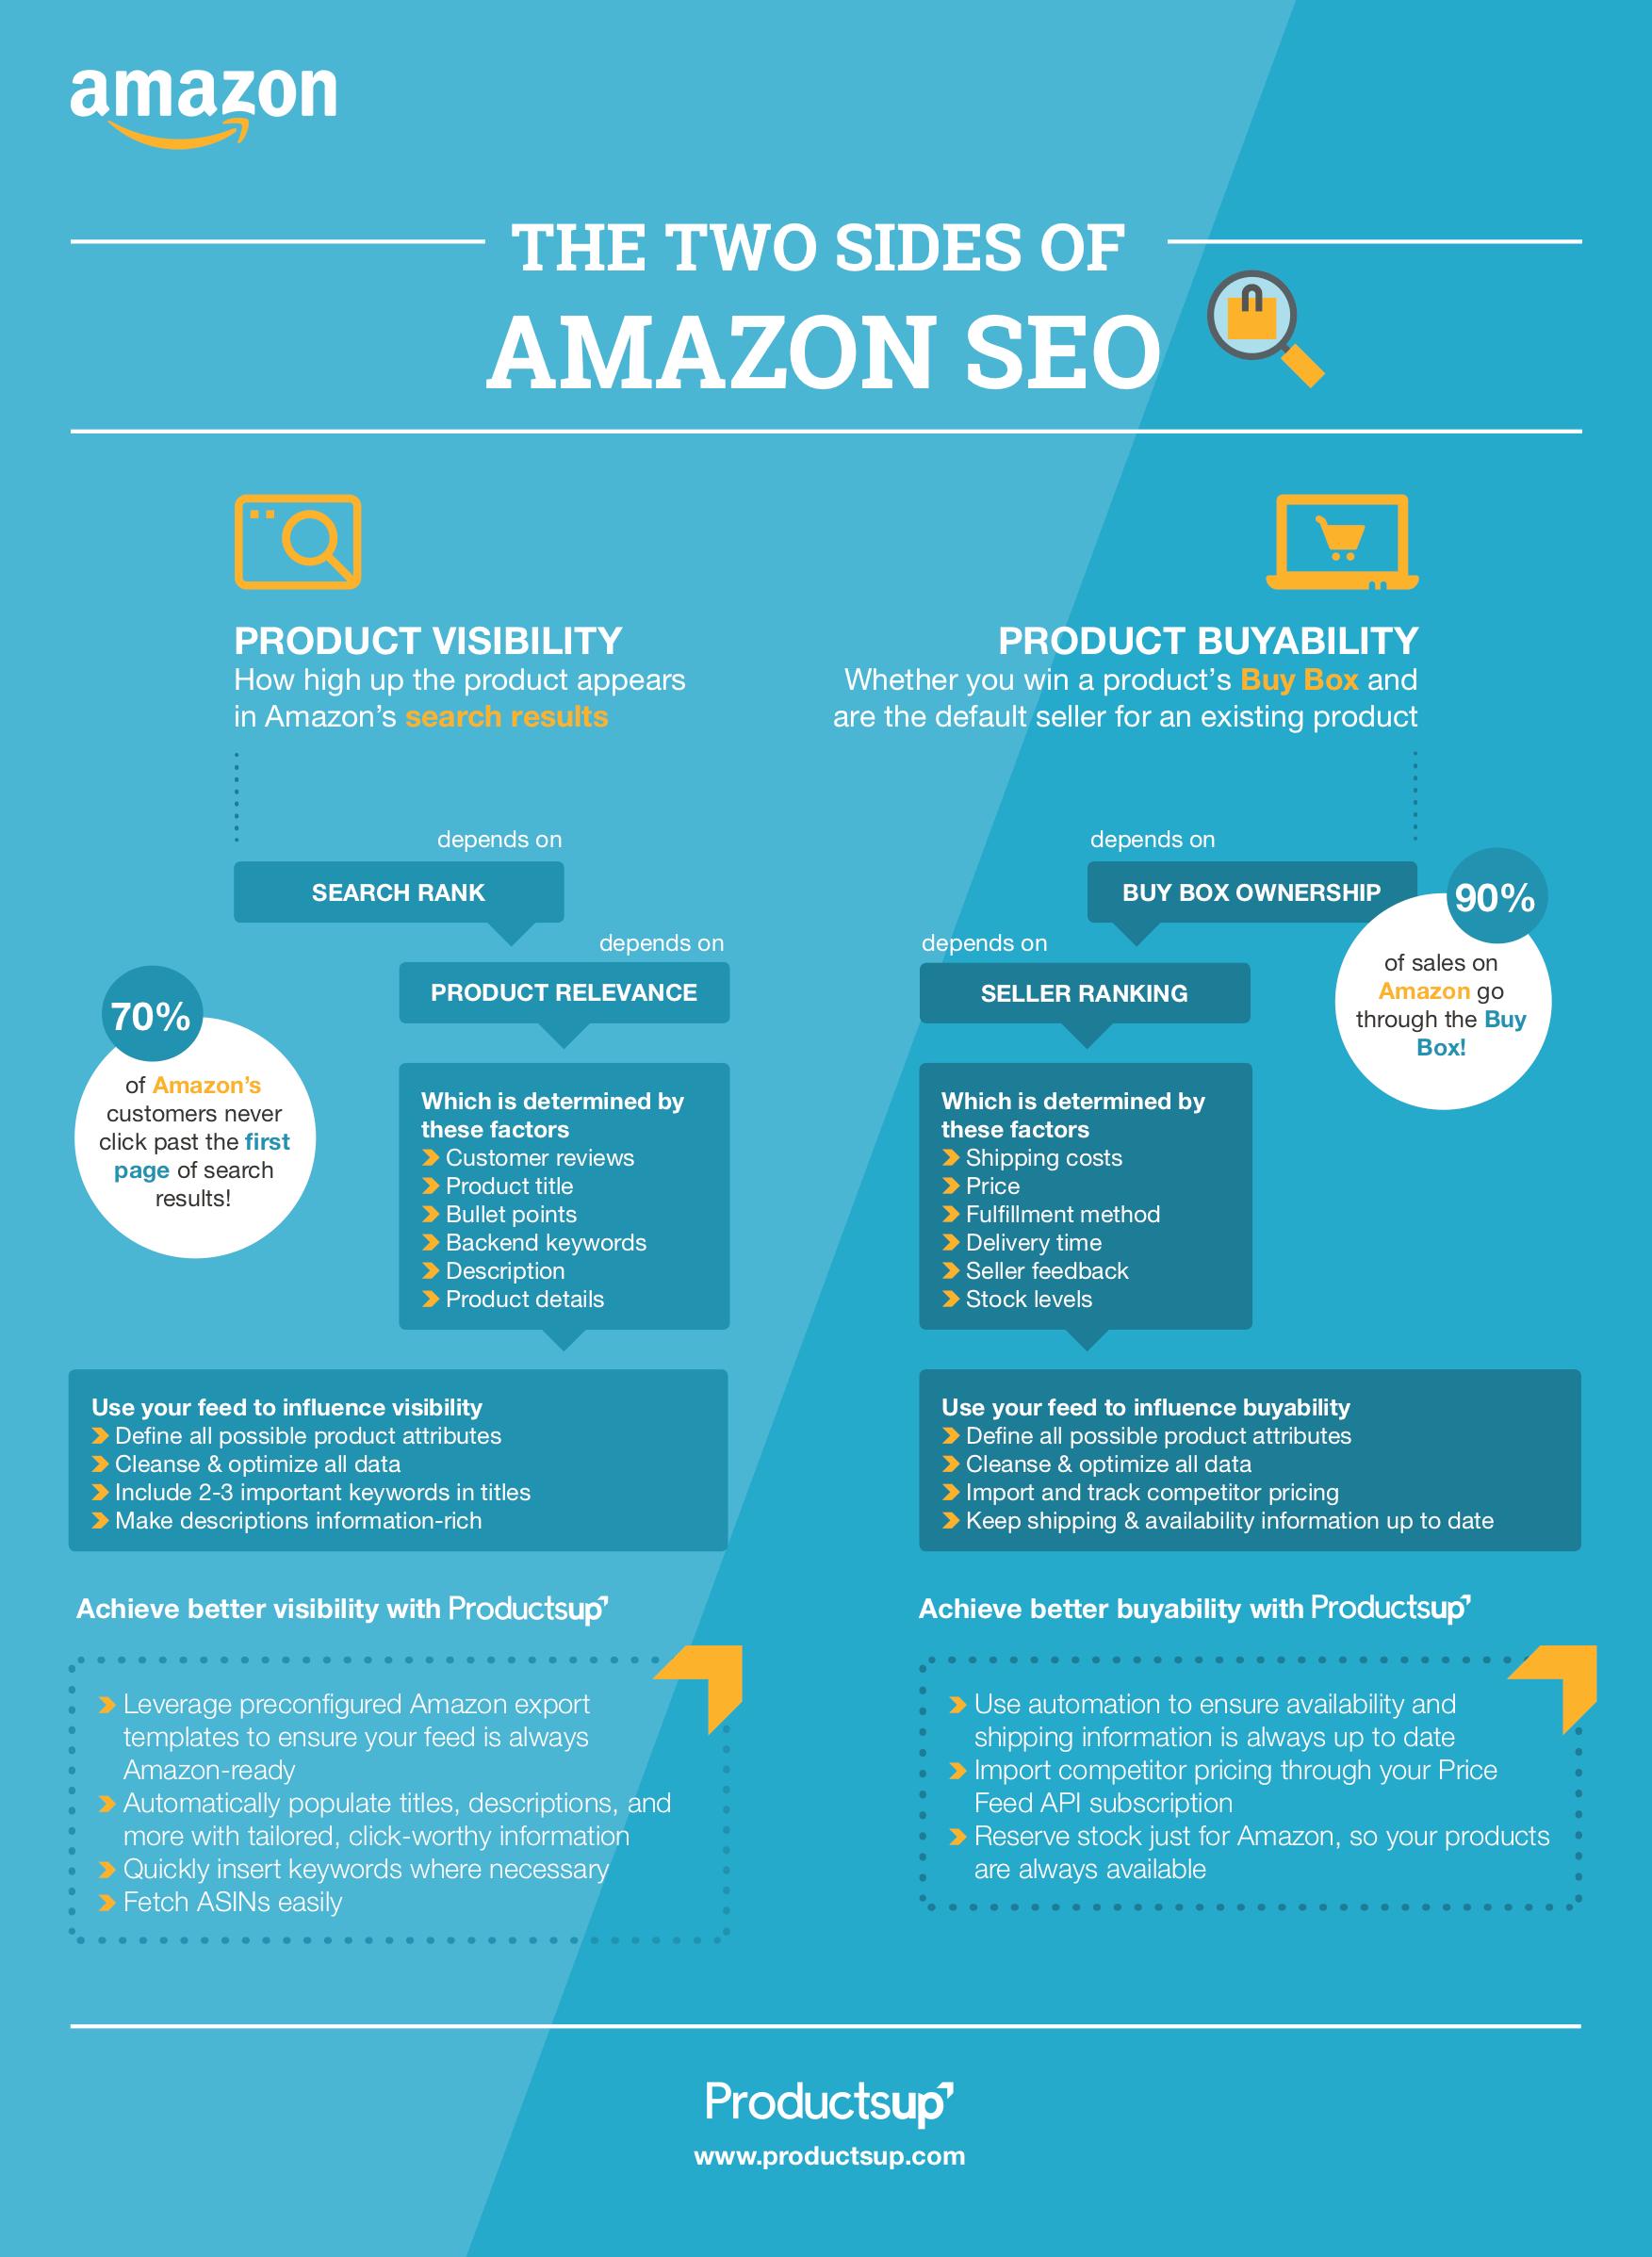 Amazon SEO infographic